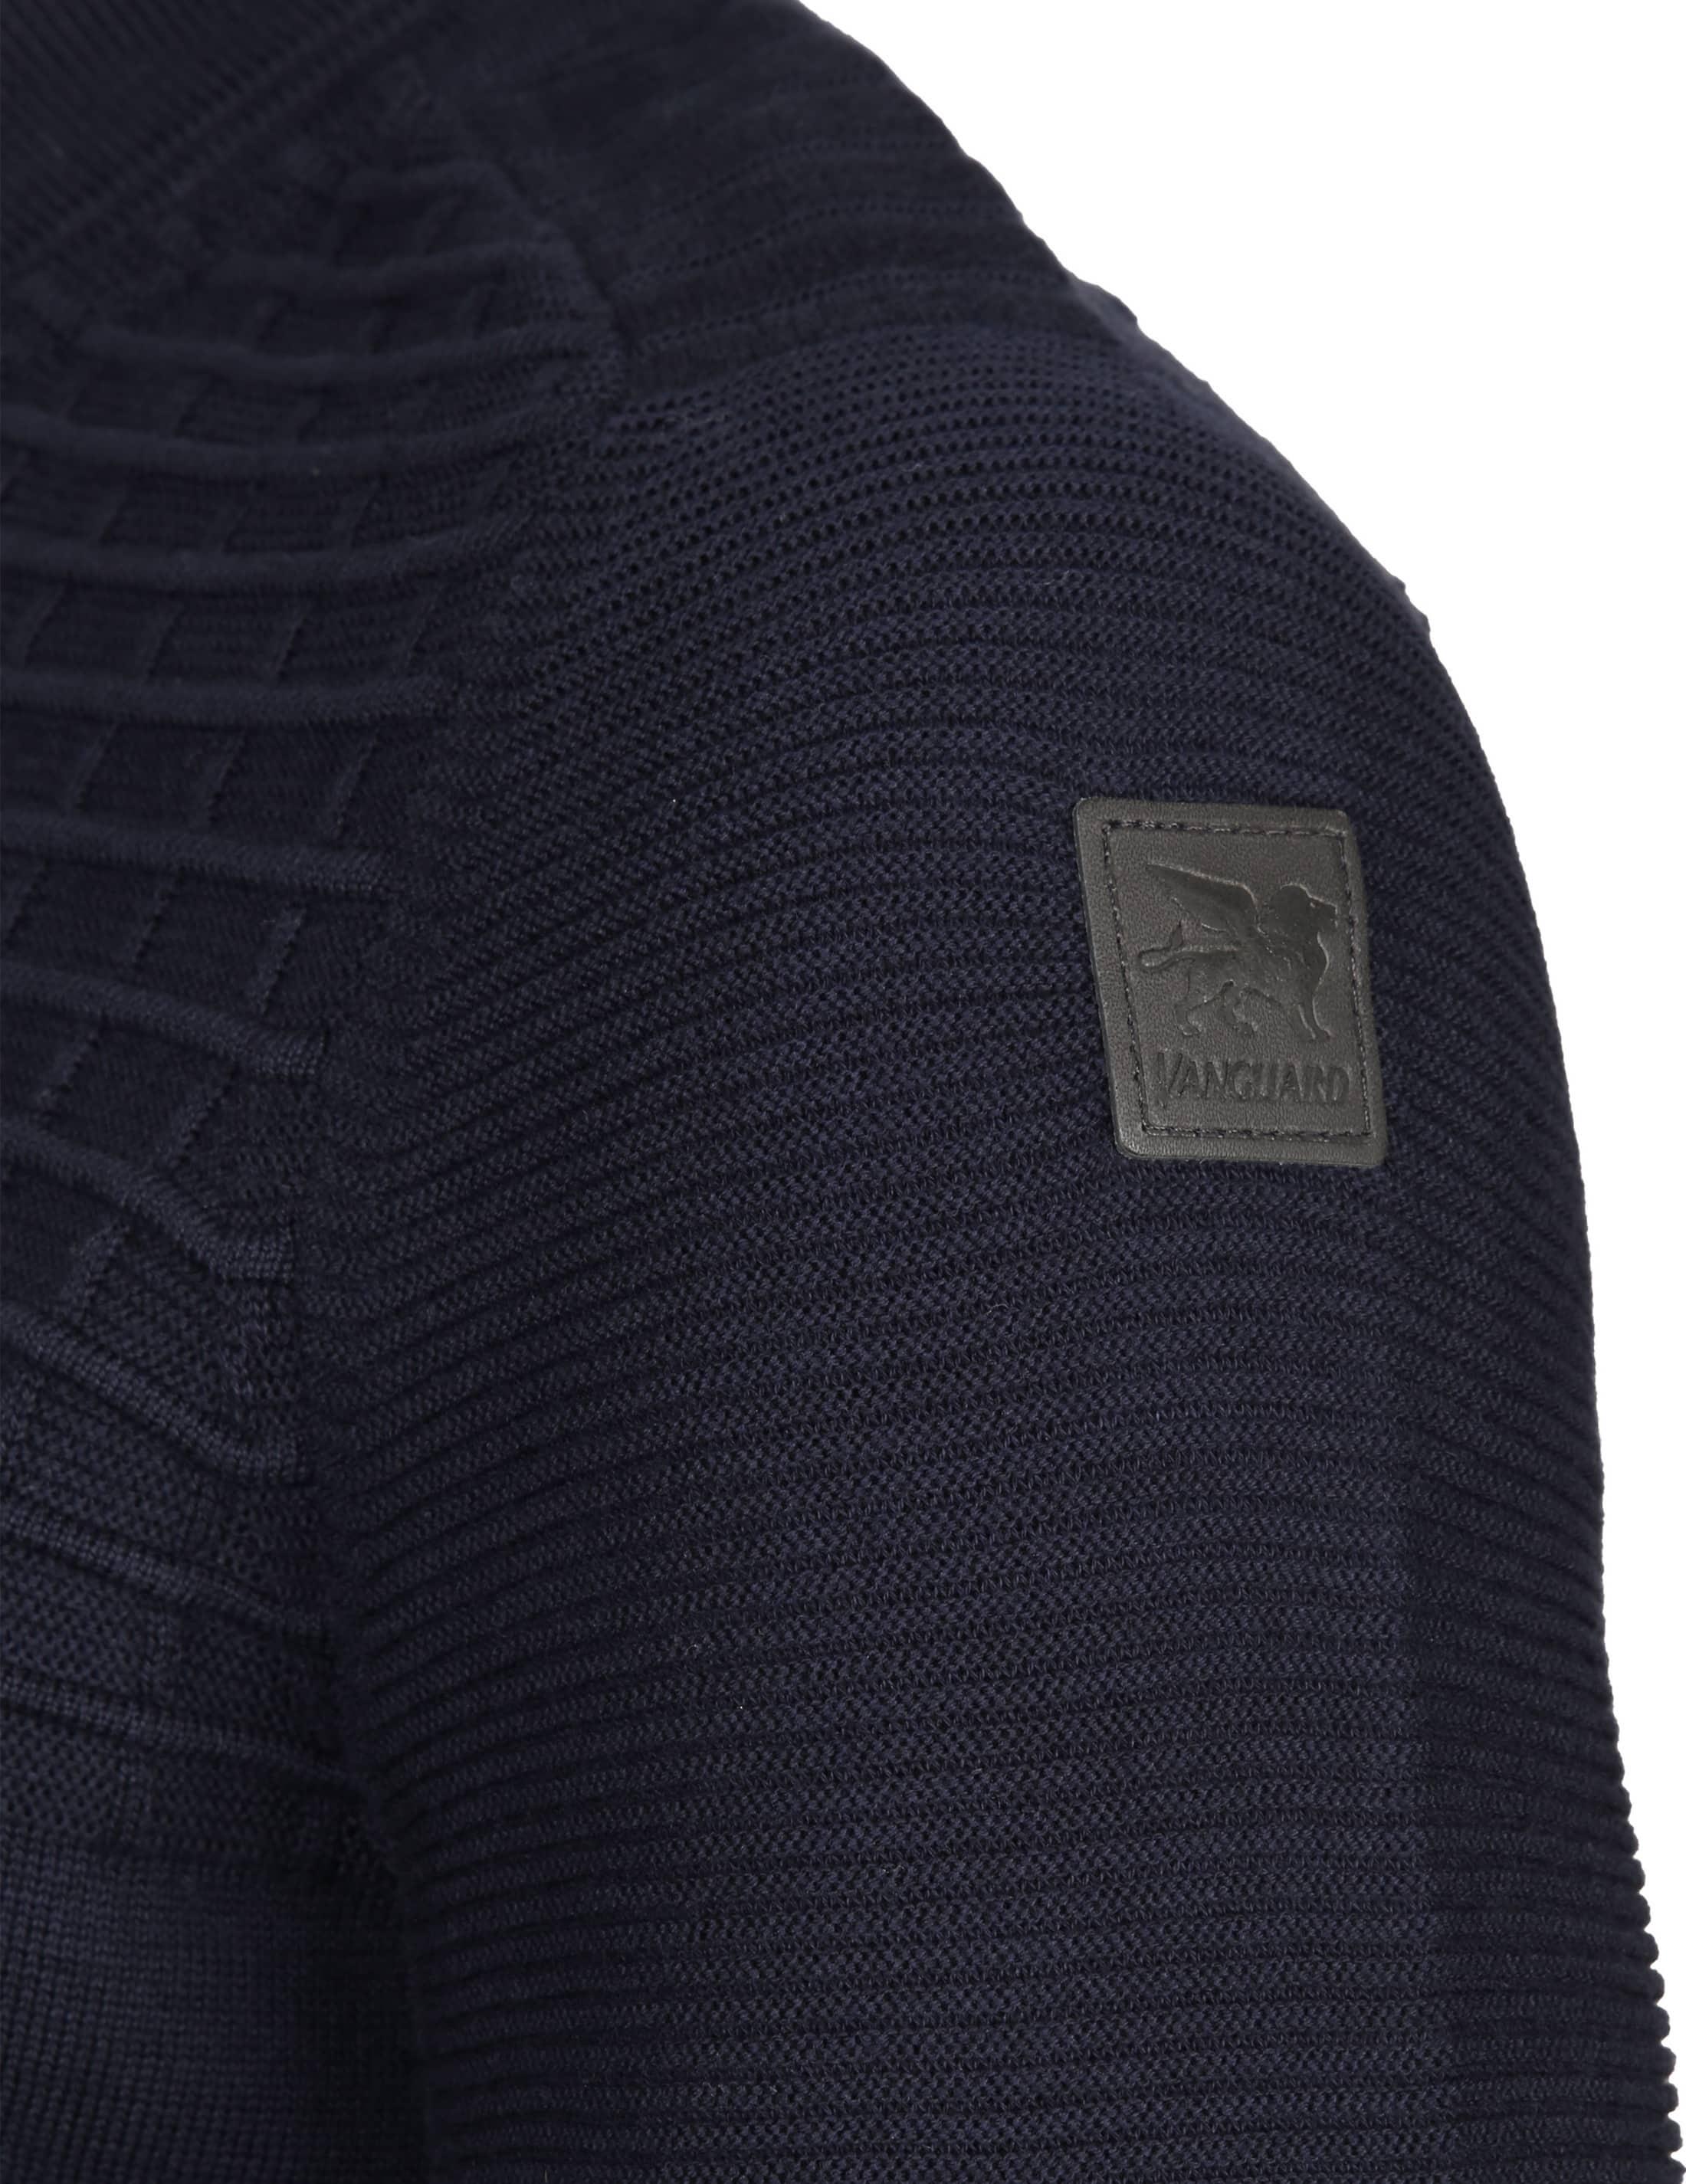 Vanguard Pullover Zipper Navy foto 3